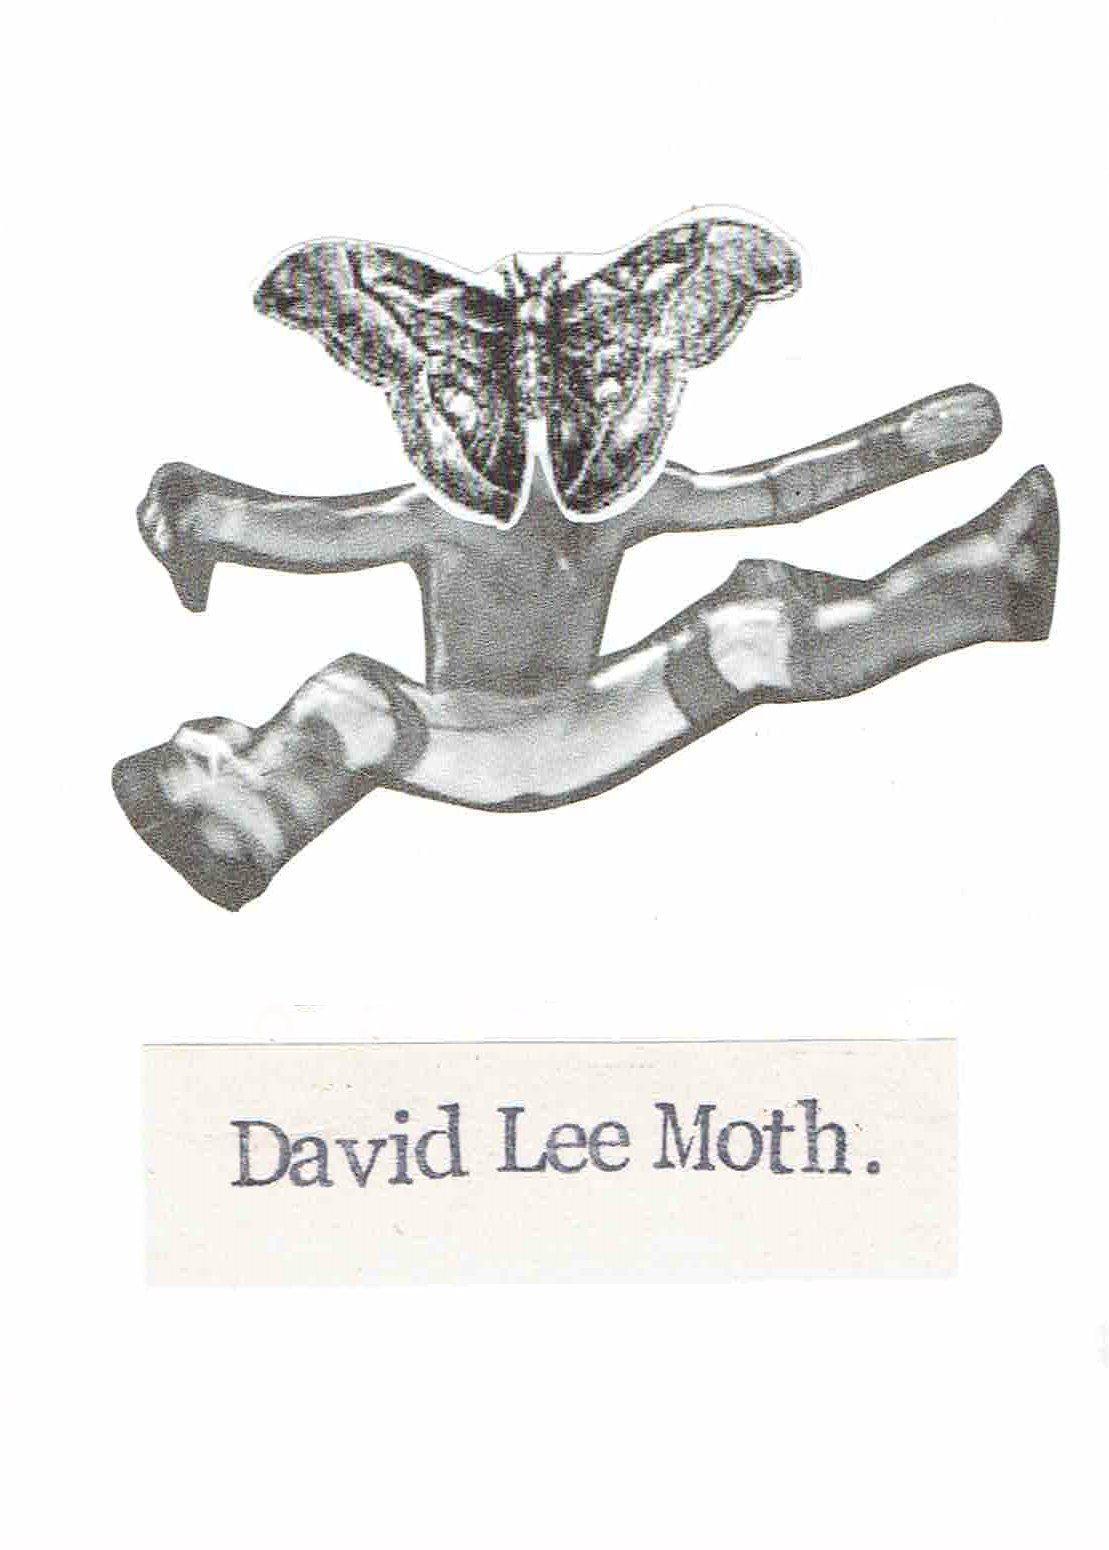 David Lee Moth Card Weird Van Halen Humor Music Pun Musician Gifts Van Halen Music Puns